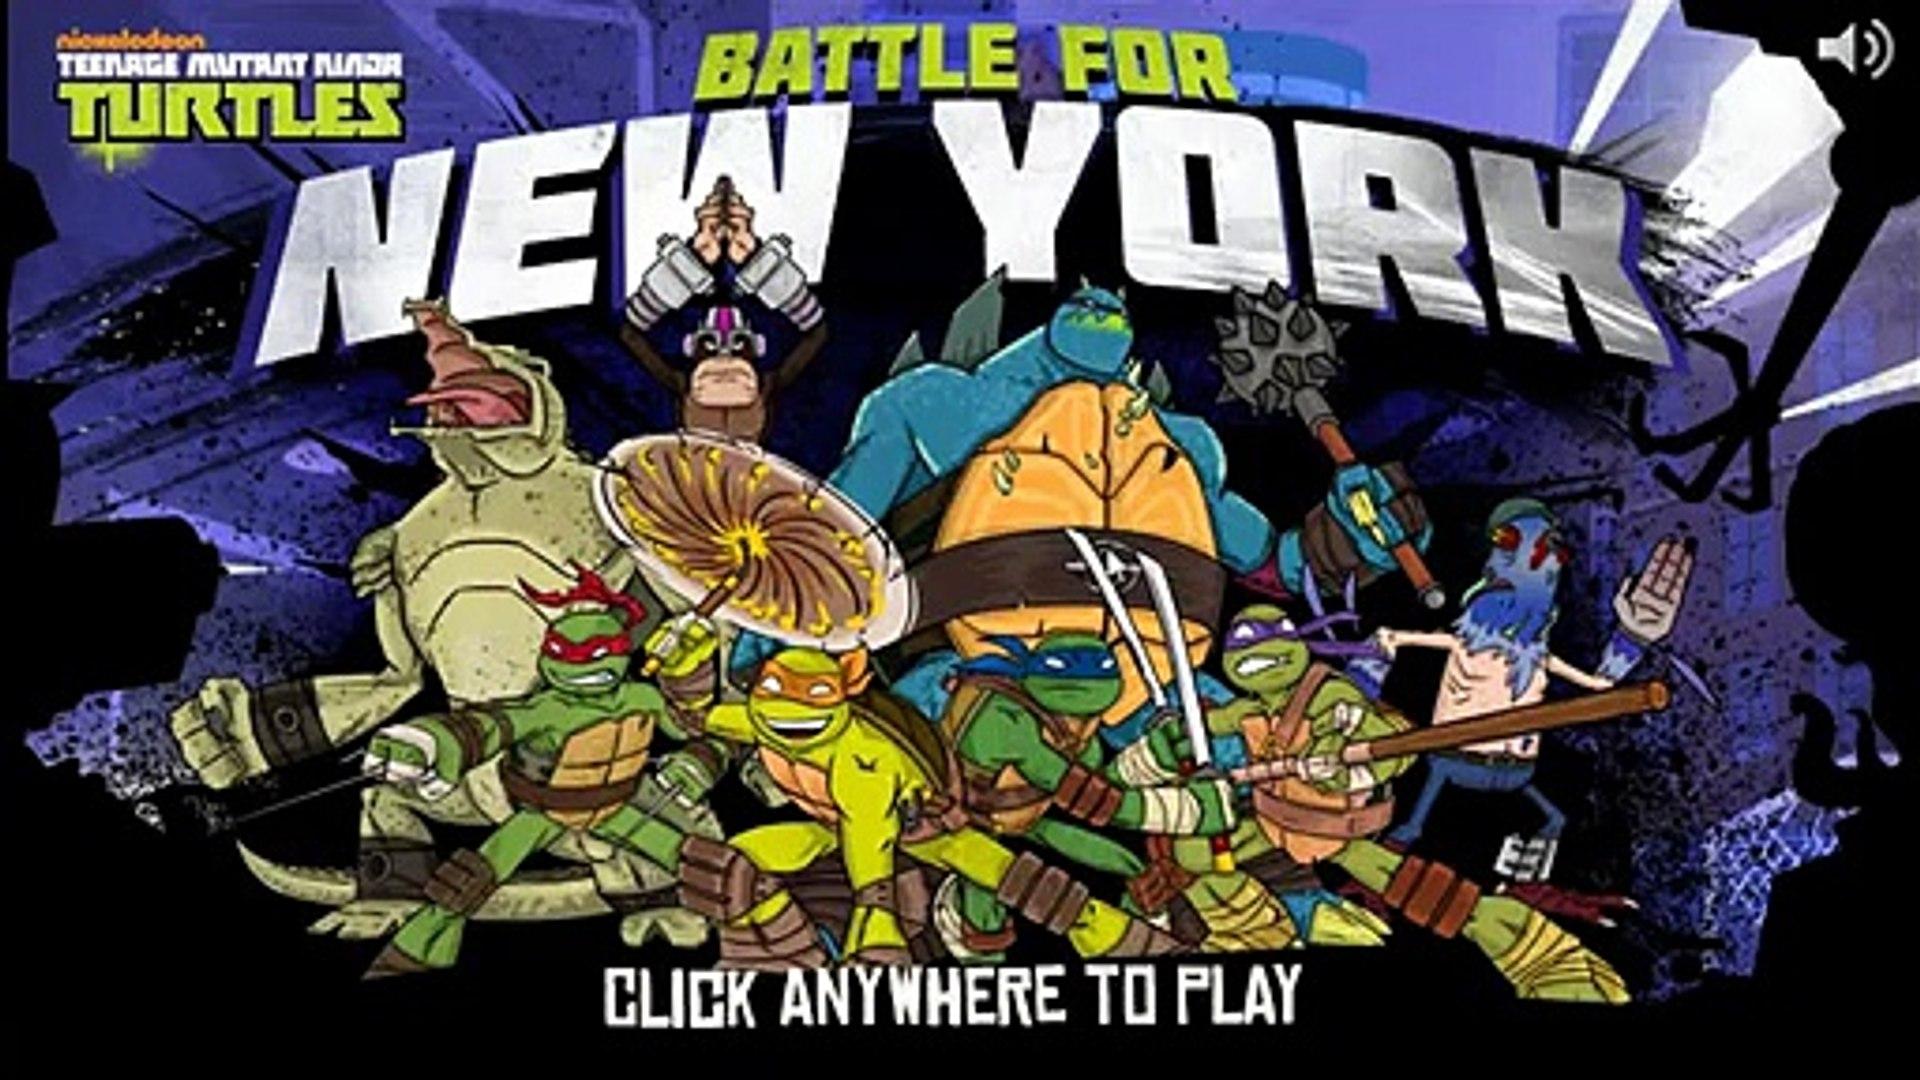 черепашки ниндзя битва за нью йорк приключения и веселье , Tv series hd videos season 2018